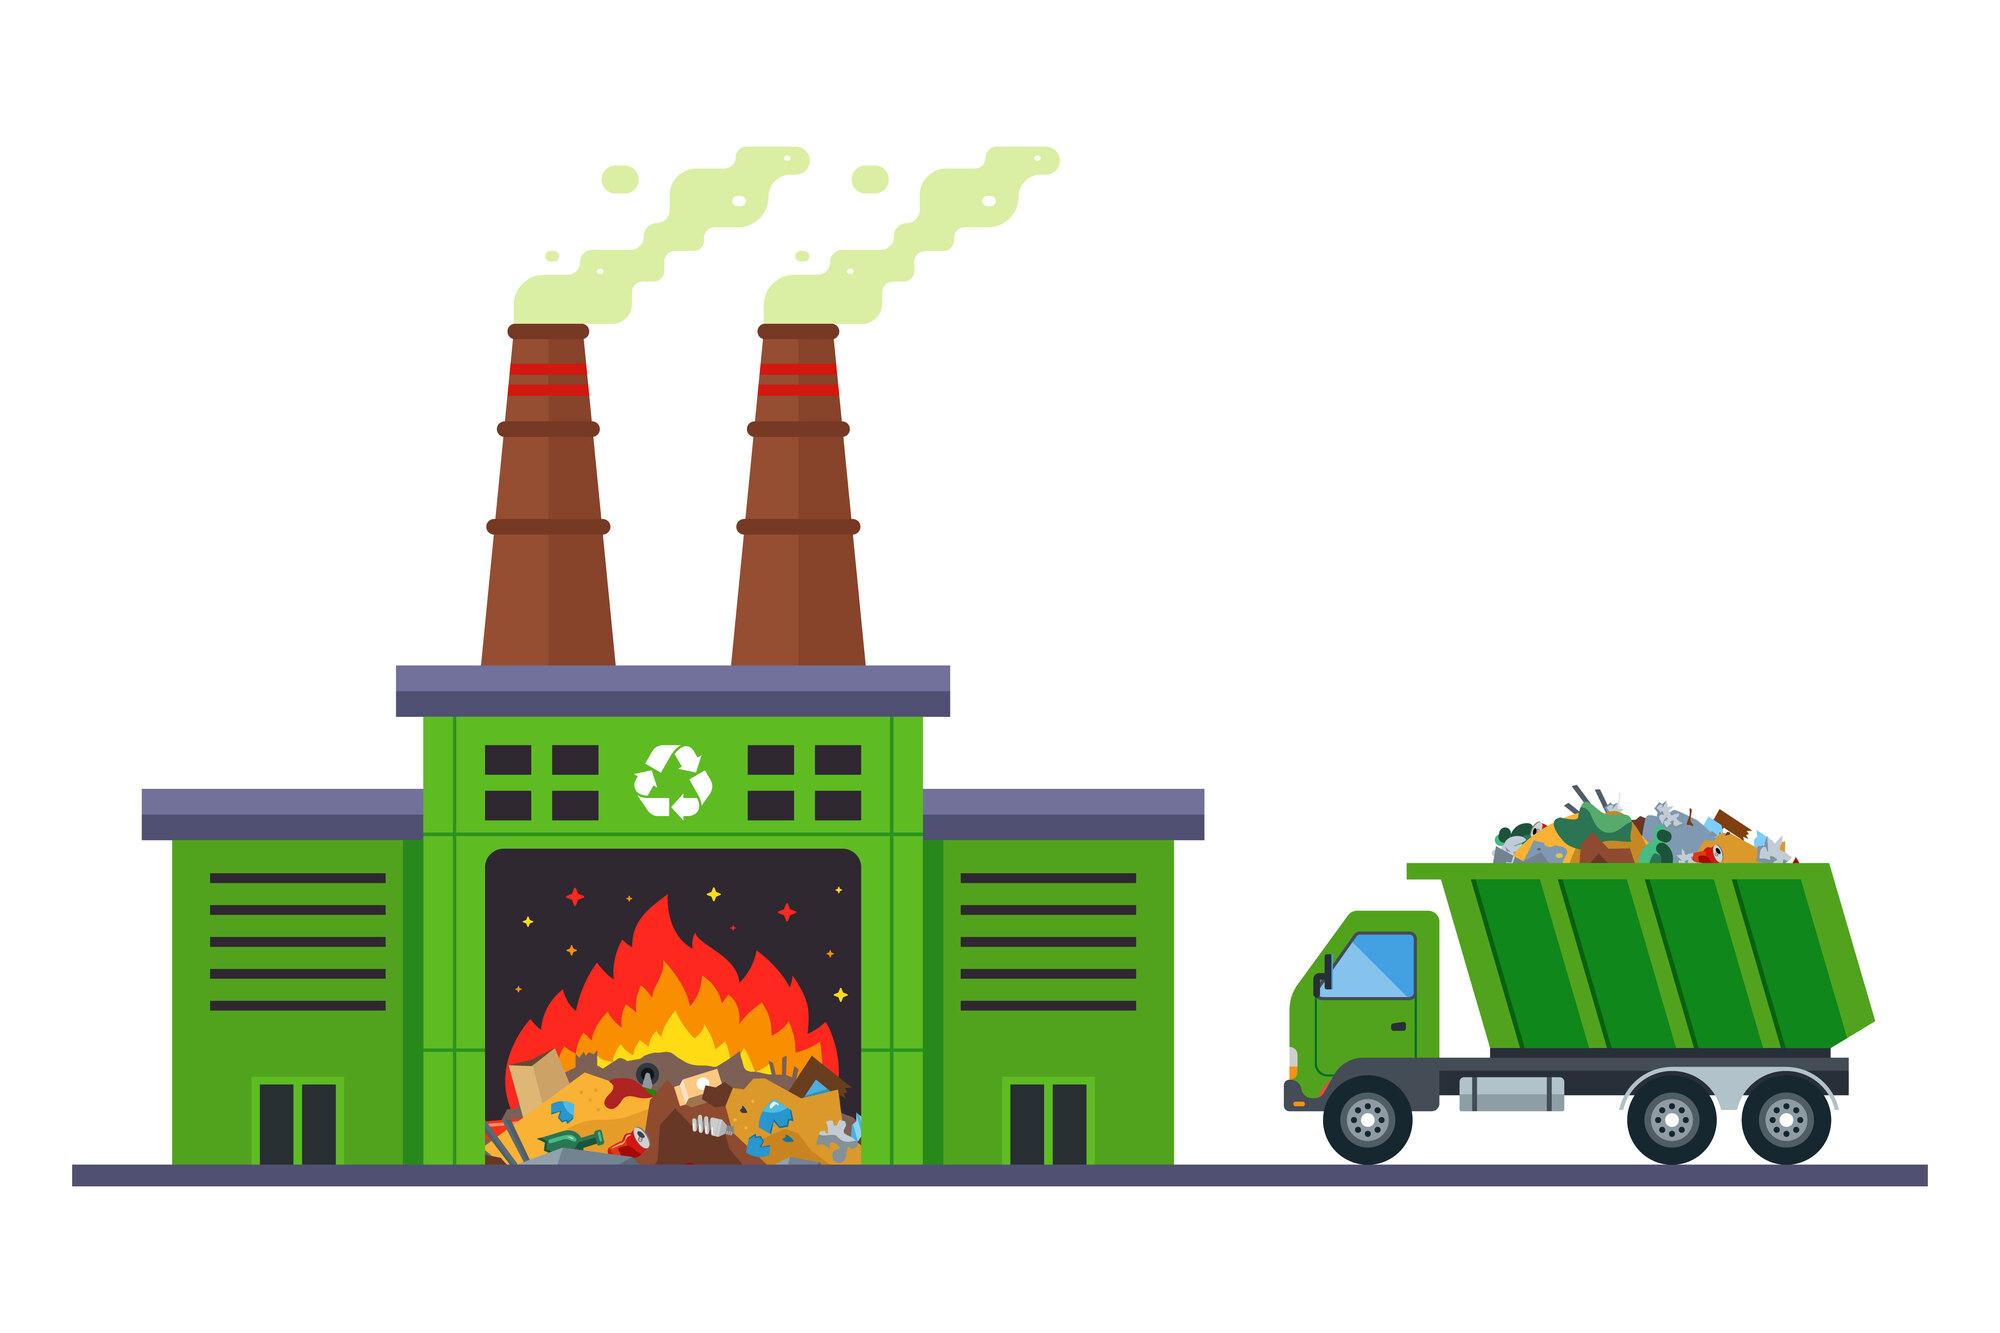 産業廃棄物の持ち込みは個人でも可能?サービス利用の流れをご紹介